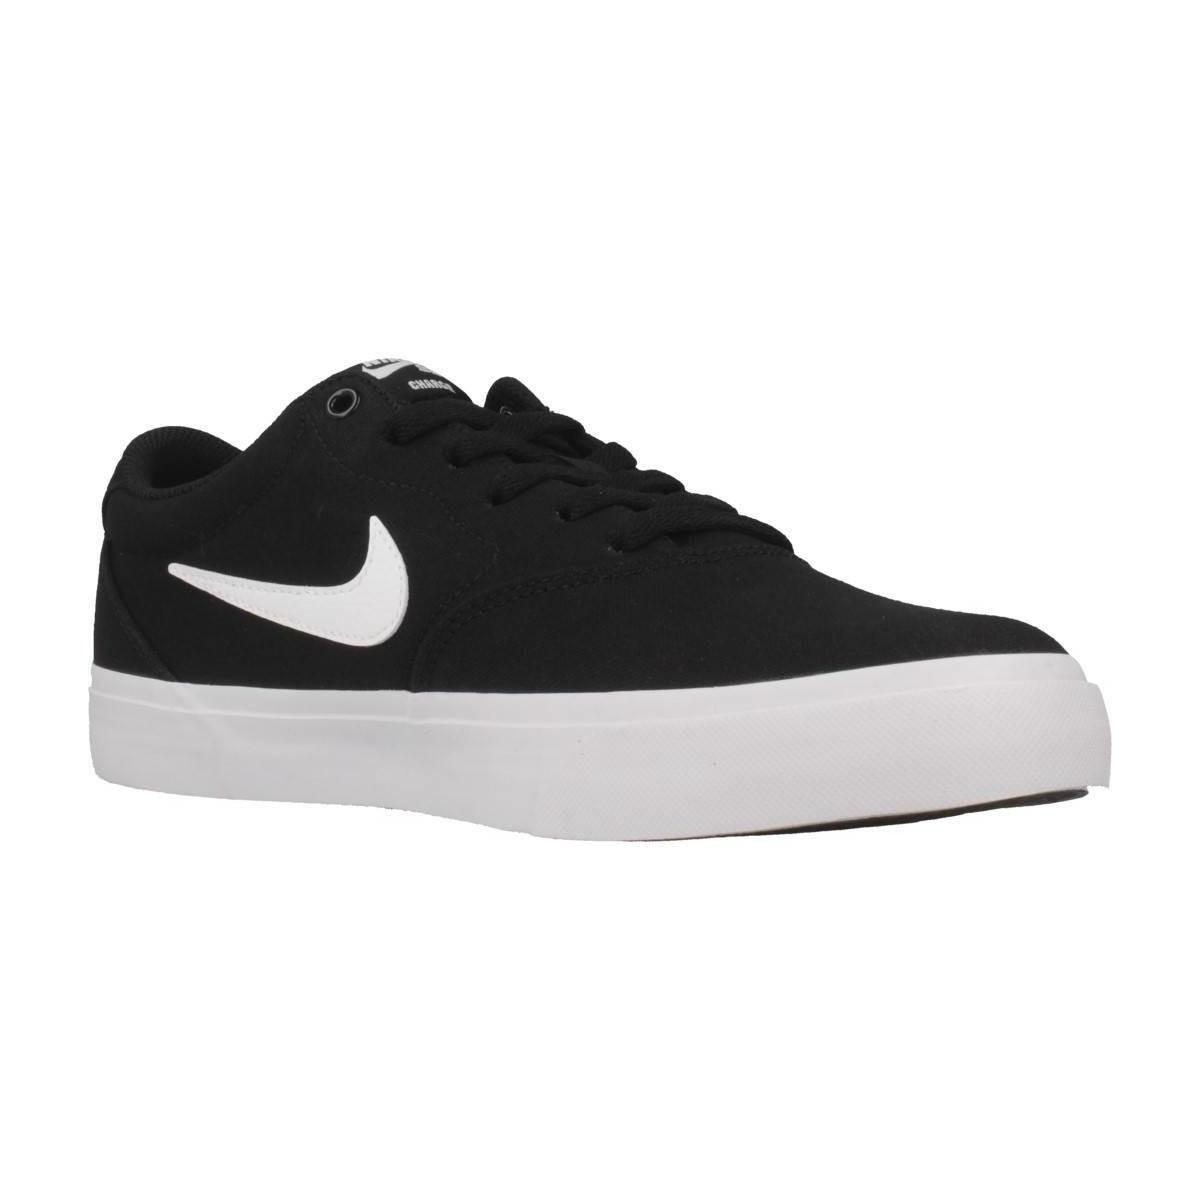 SB CHARGE SLR SU19 Chaussures Nike pour homme en coloris Noir